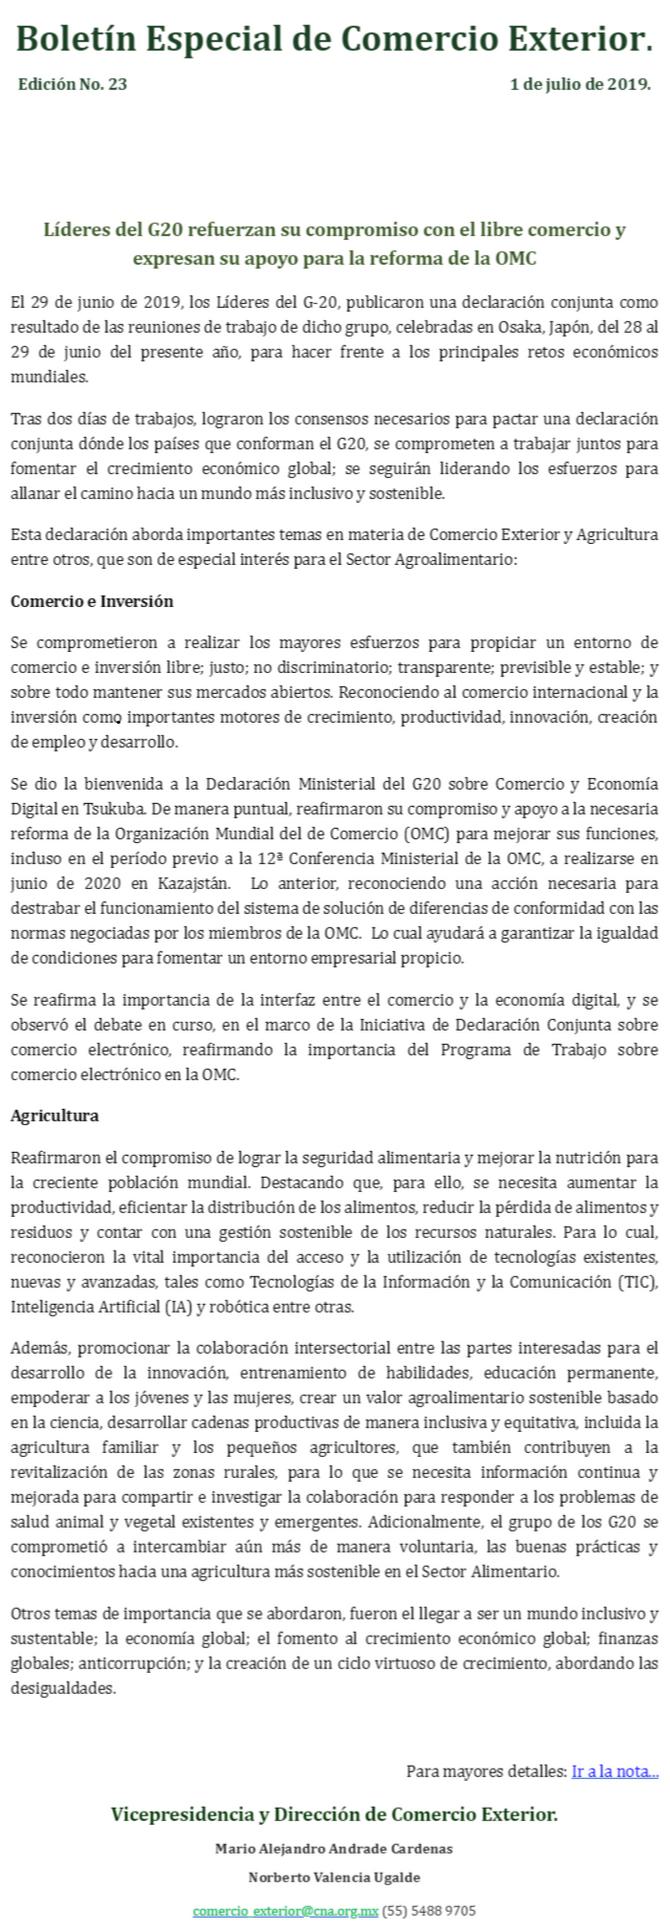 Boletín Especial de Comercio Exterior No.23, Líderes del G20 refuerzan su compromiso con el libre co